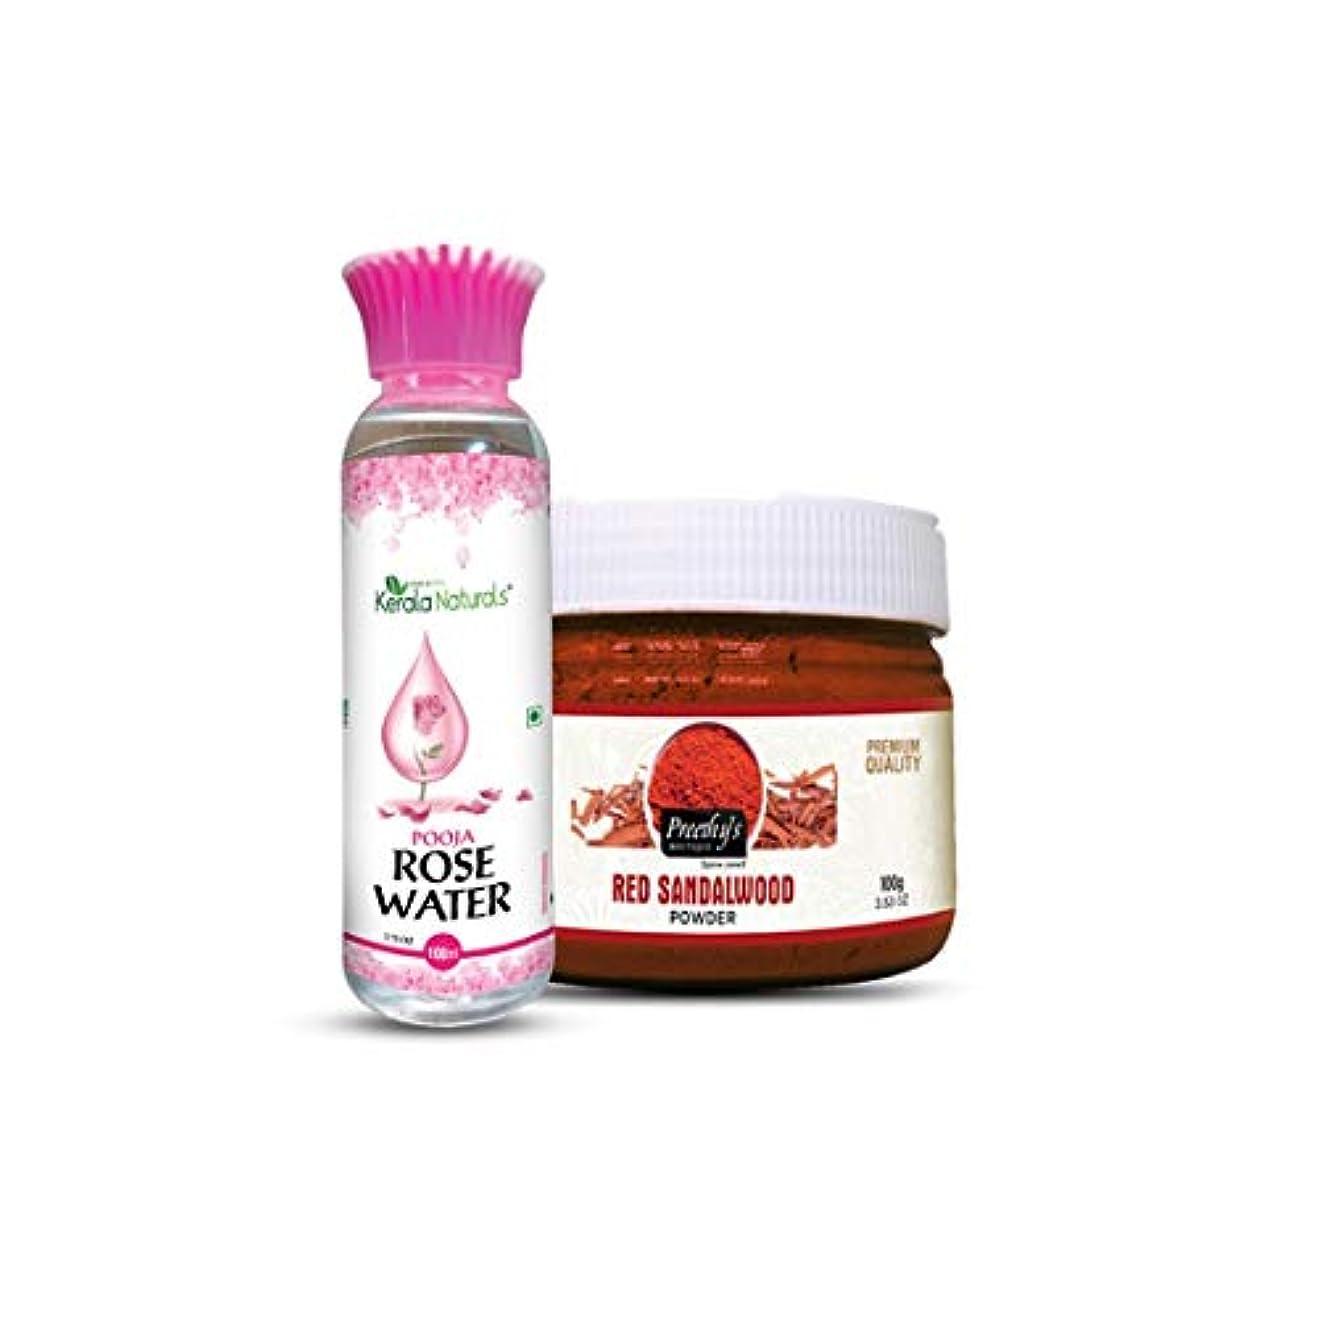 お茶適合においCombo of Red sandalwood powder 100gm+ Rose water 100ml - Enhancing the beauty of the Skin - 赤白檀パウダー100gm +ローズウォーター...